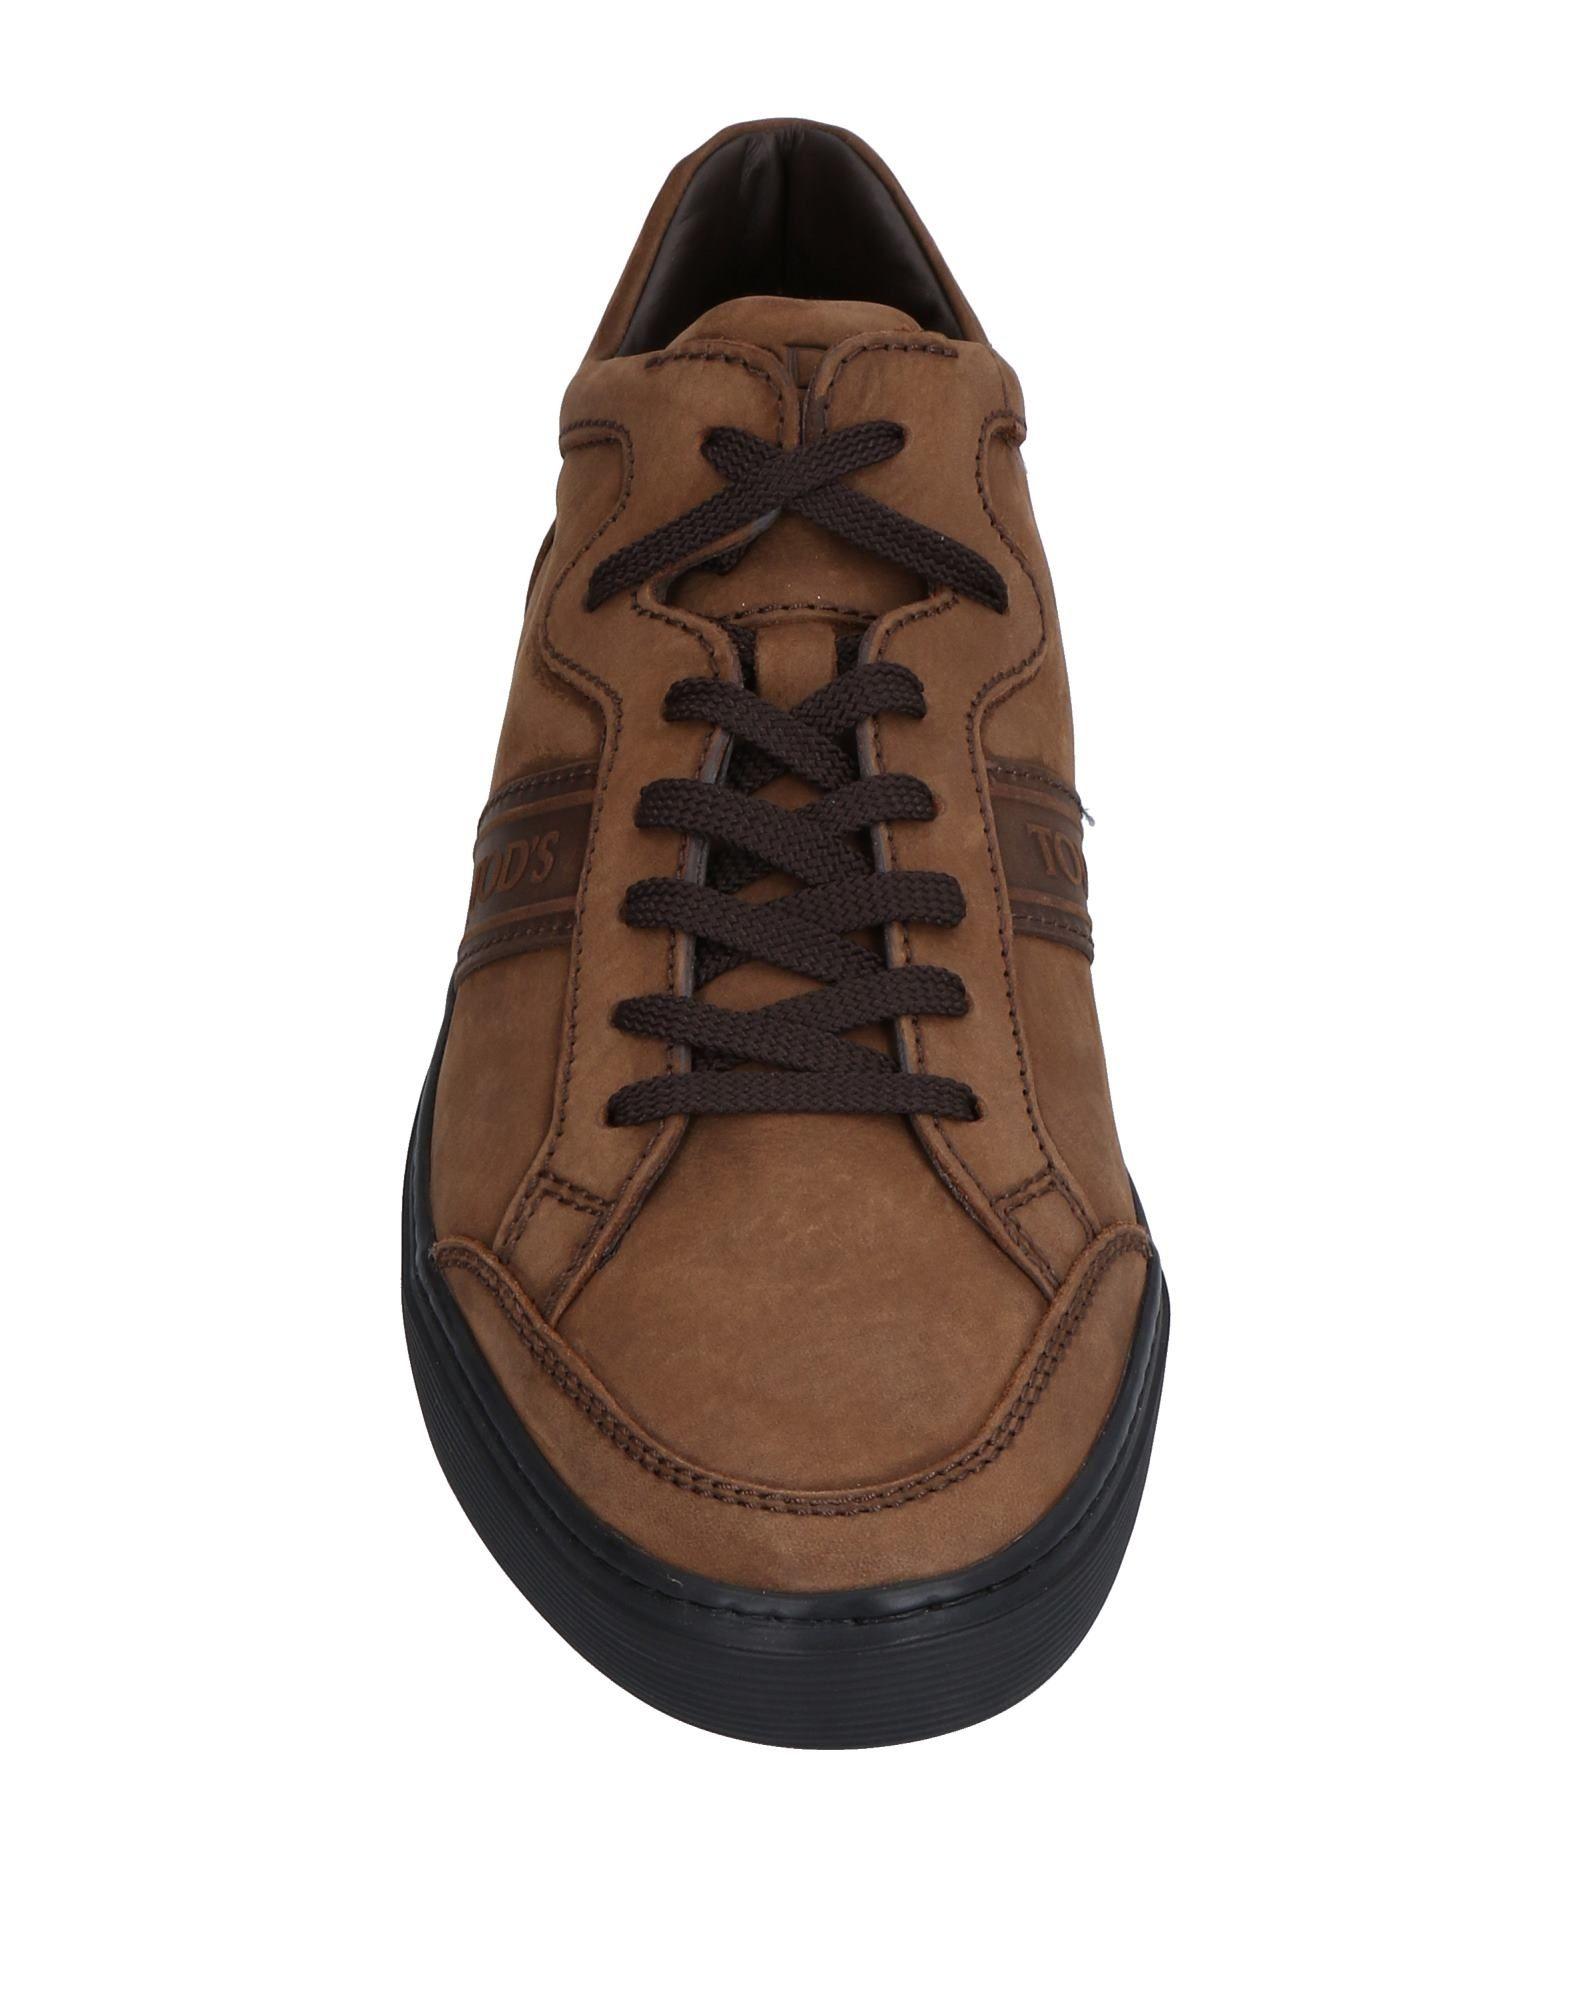 Tod's Sneakers Herren Herren Sneakers  11511814XI ba1160